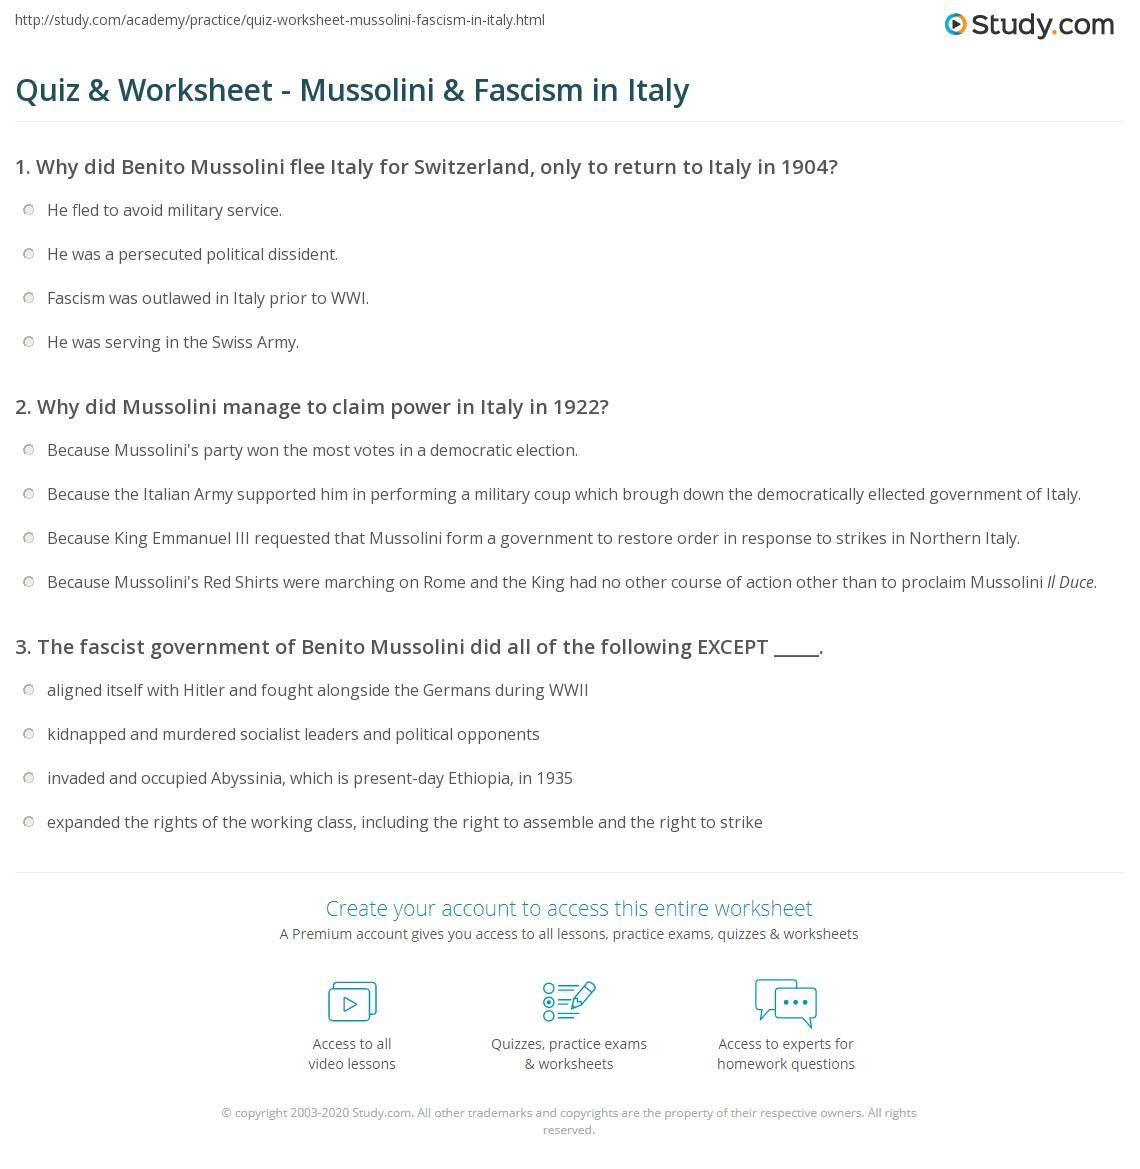 Quiz Worksheet Mussolini Fascism In Italy Study Com